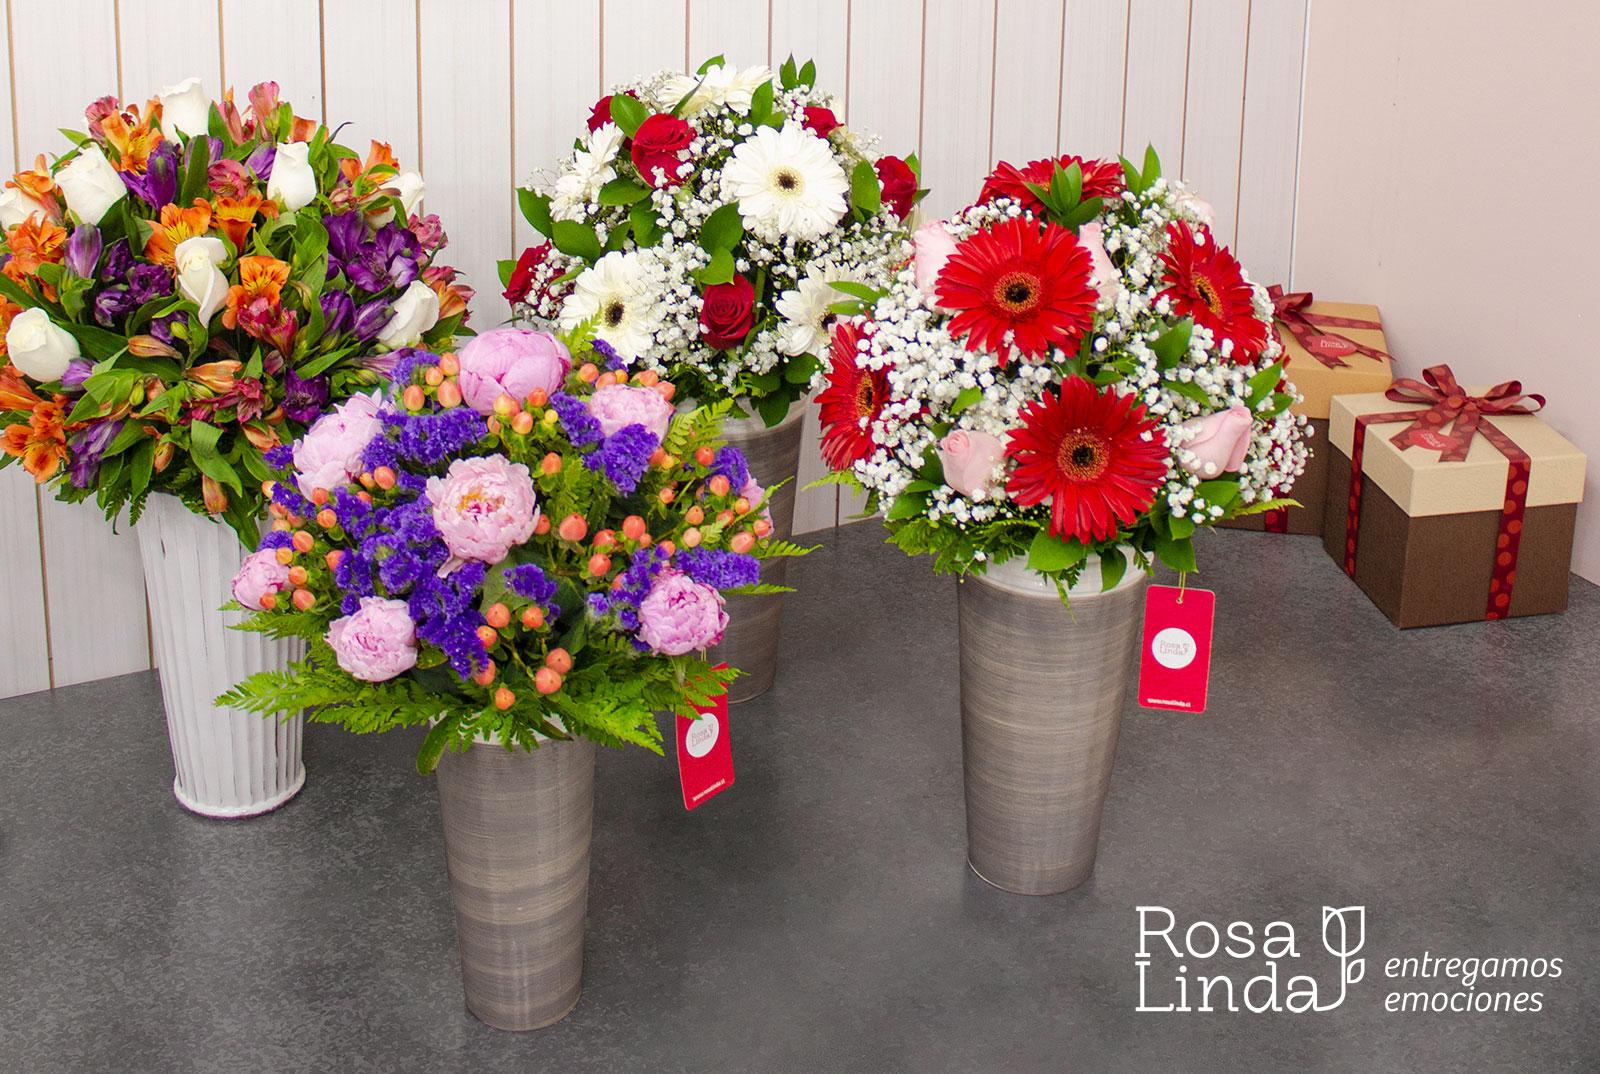 ¿Cómo escoger arreglos florales para cada celebración?